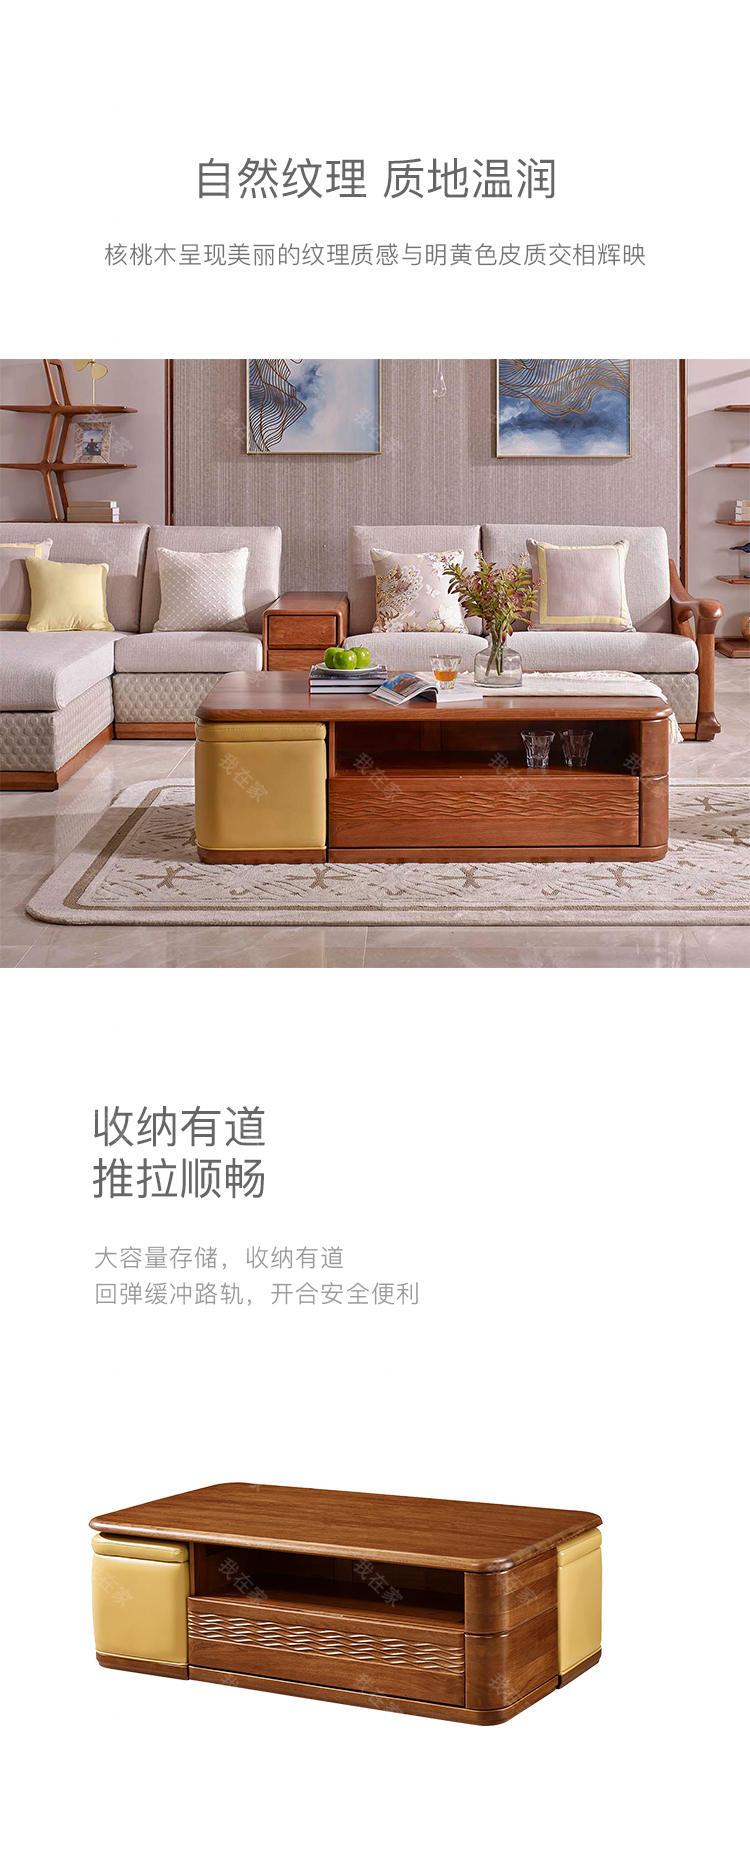 现代实木风格云何茶几的家具详细介绍